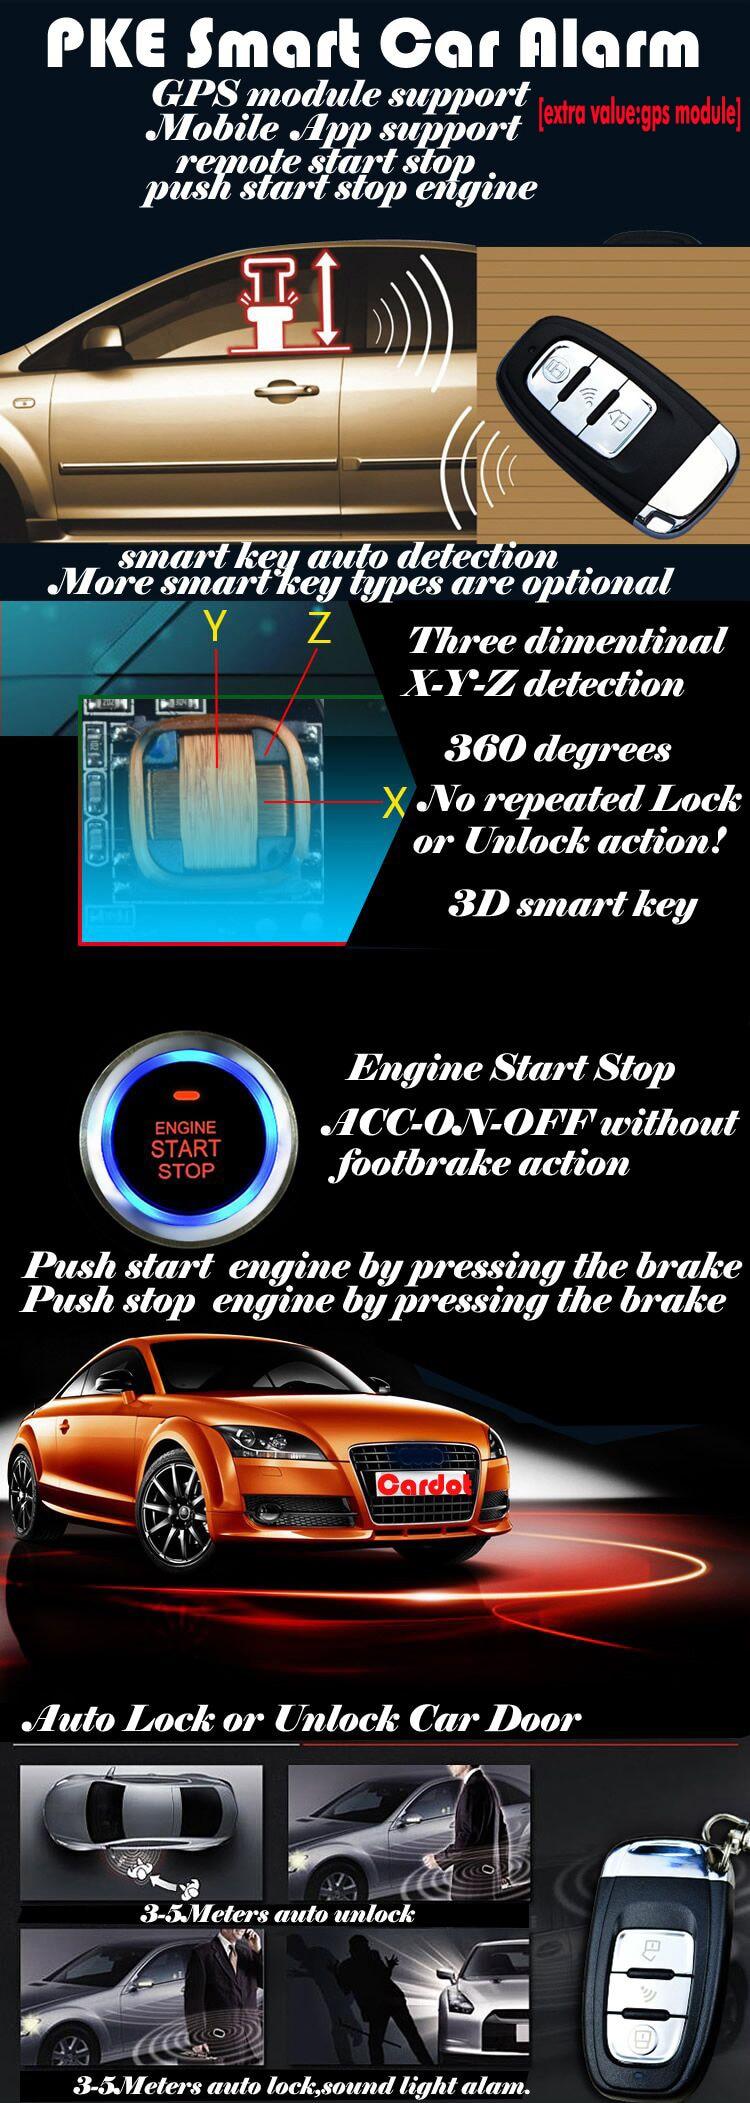 Car Door Unlock App